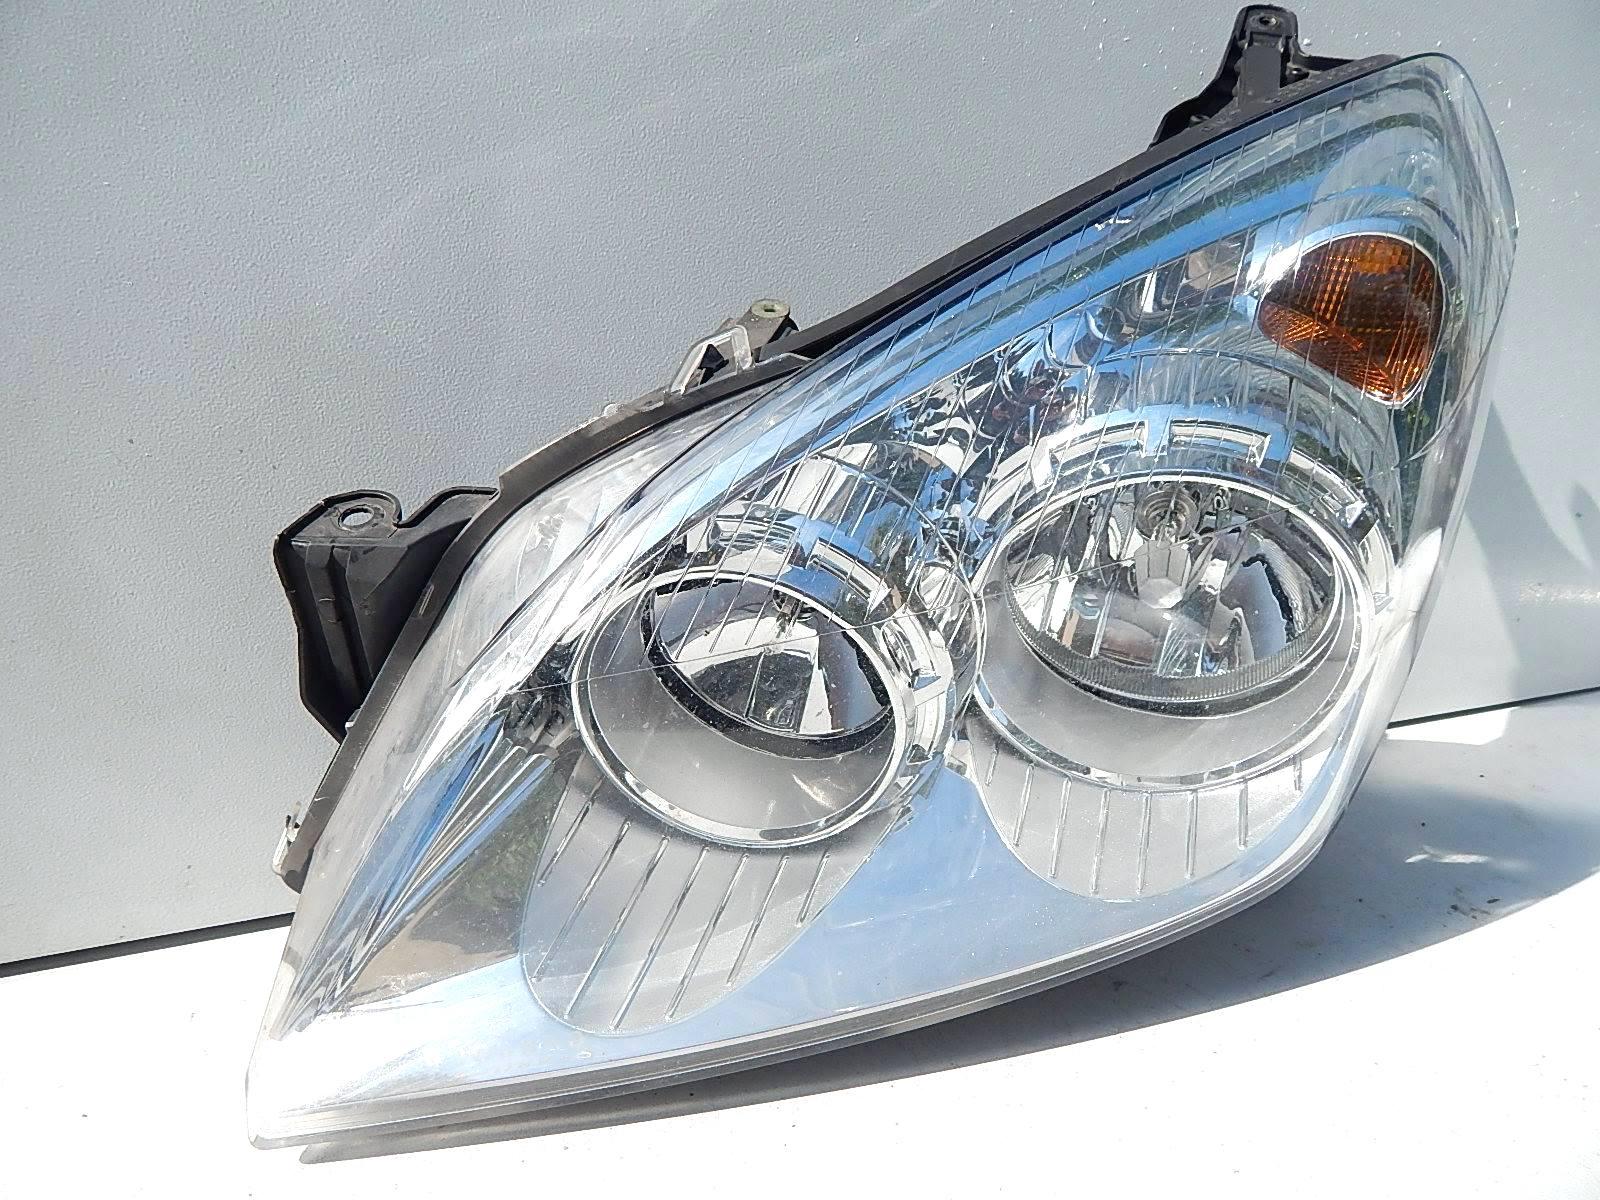 Opel Astra Iii H Lift Lewa Lampa Przód Części Karoserii